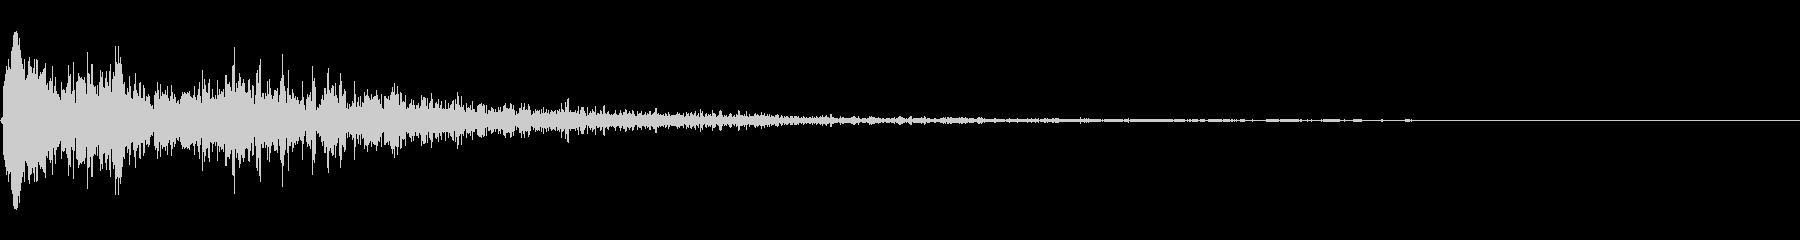 ウォルター、P38、9 MM自動ピ...の未再生の波形